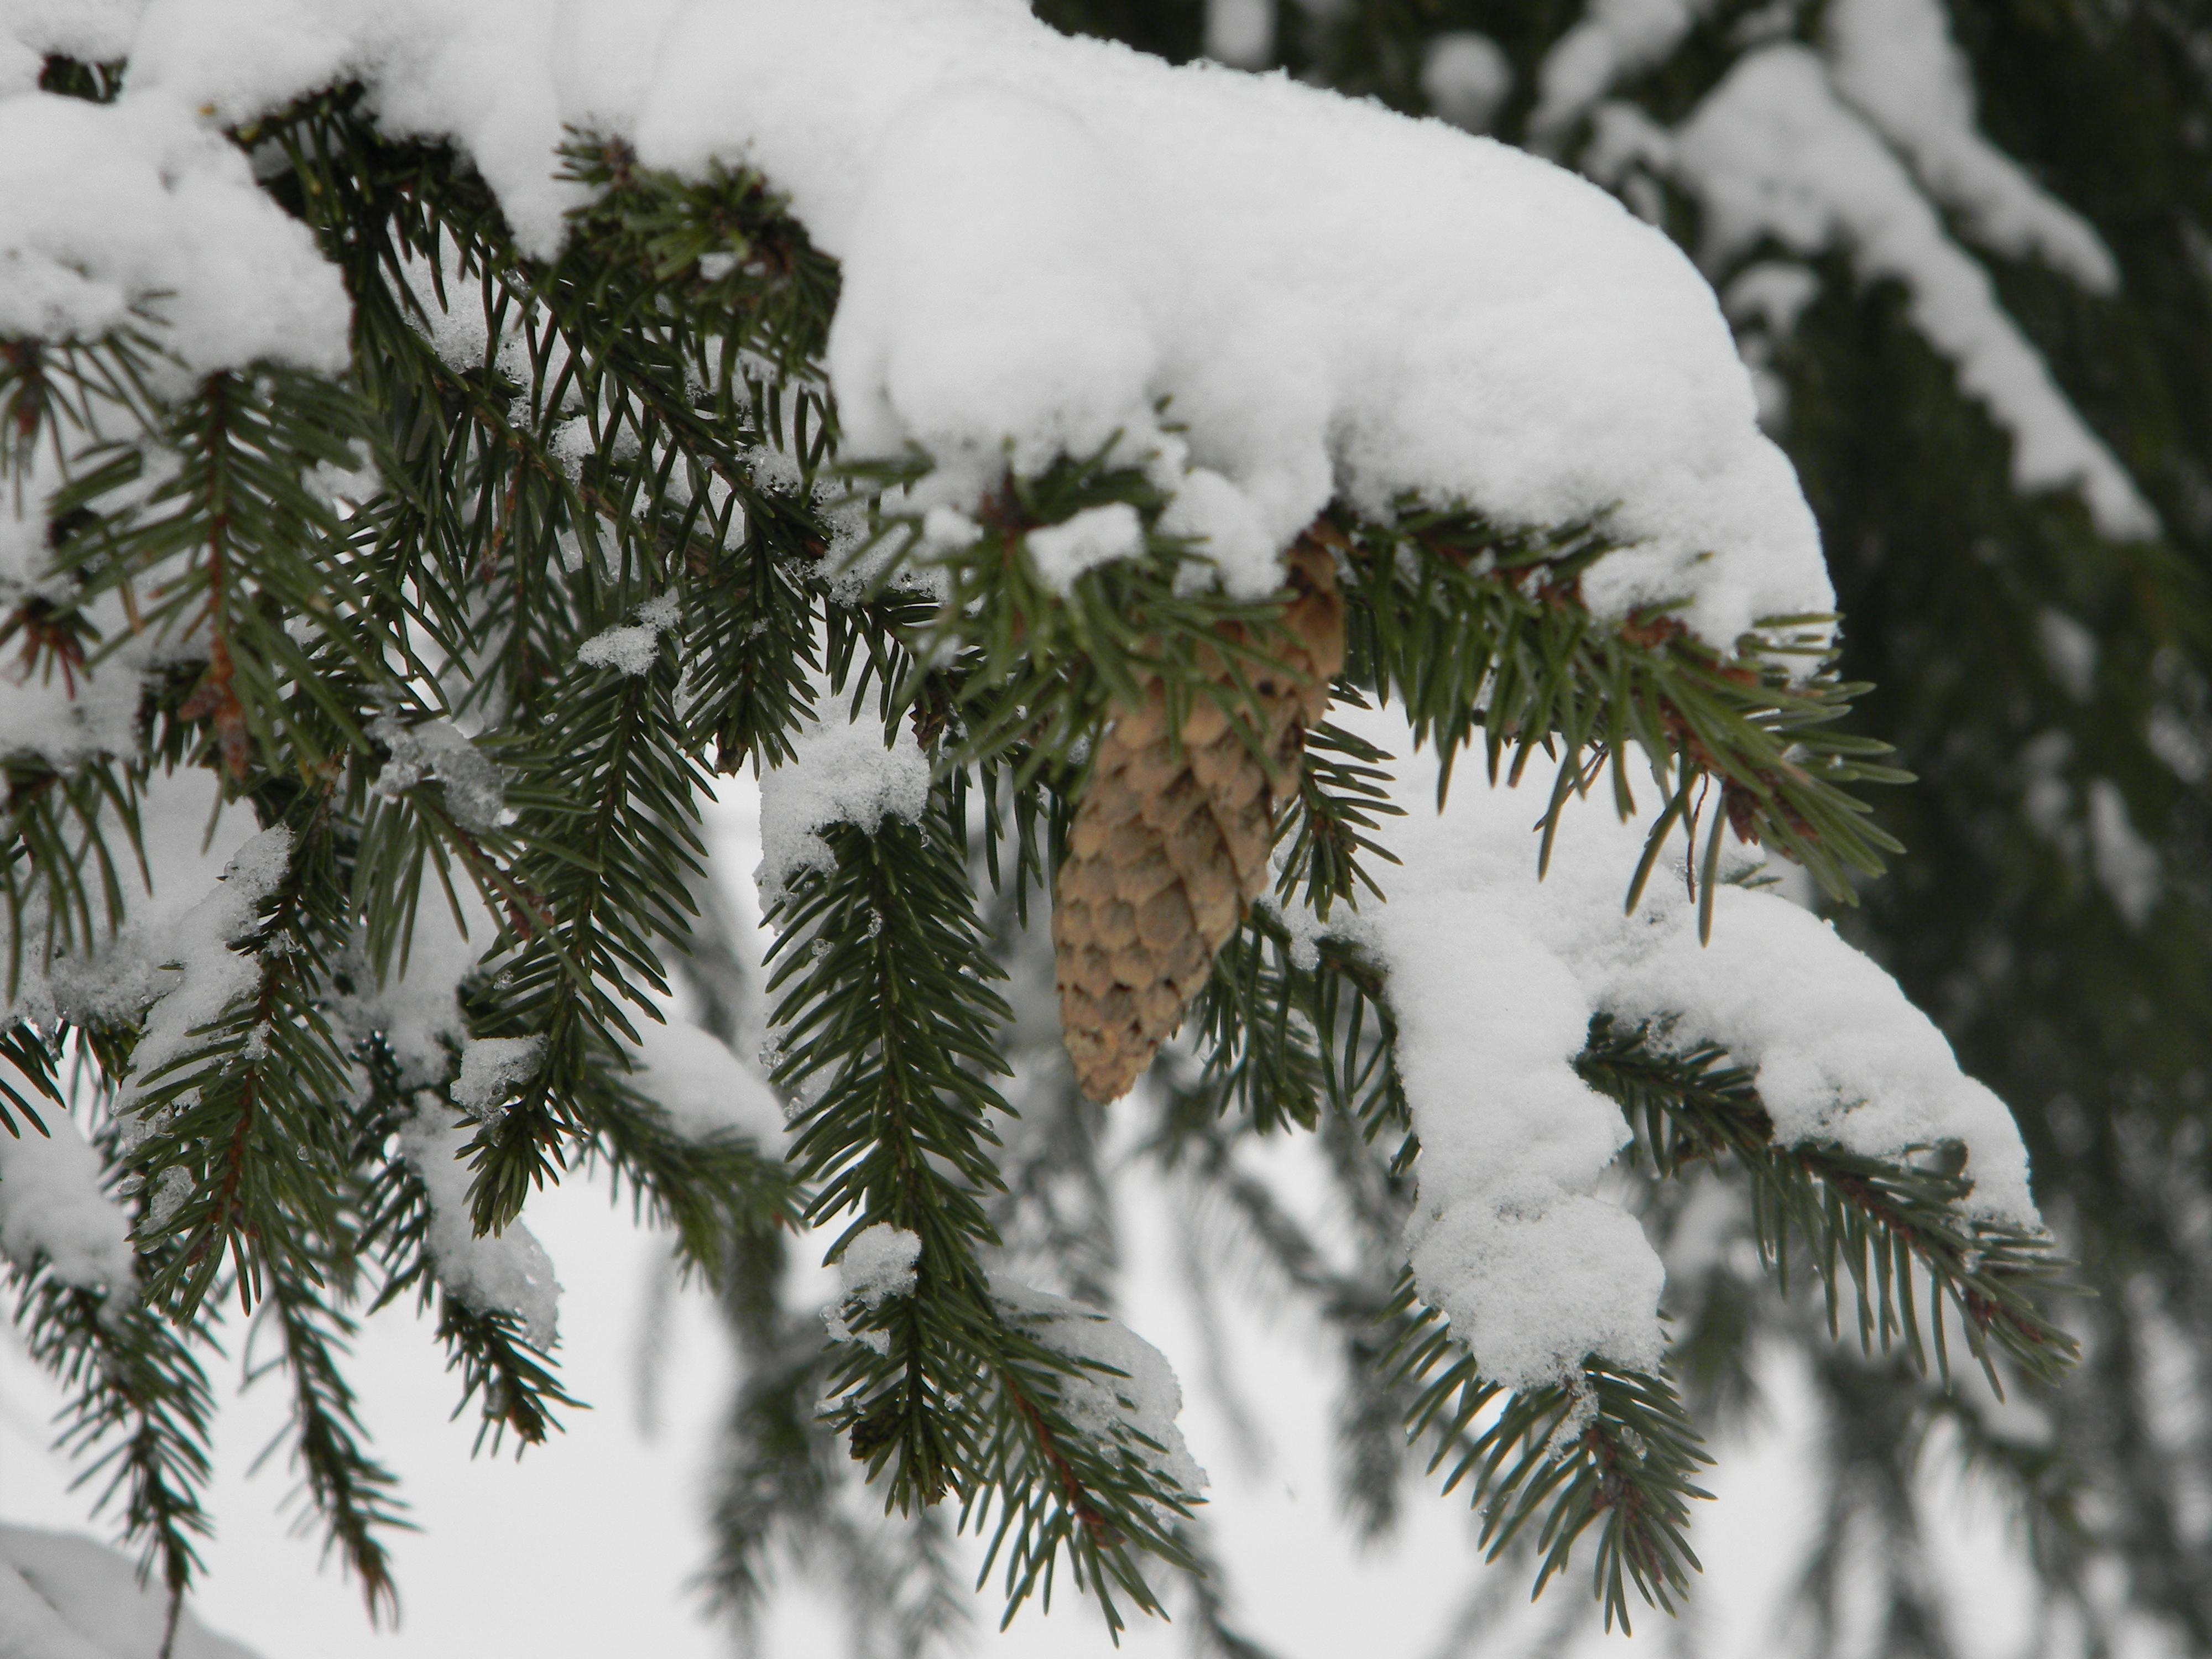 симптомом ветряной фото шишки под снегом хозяйки